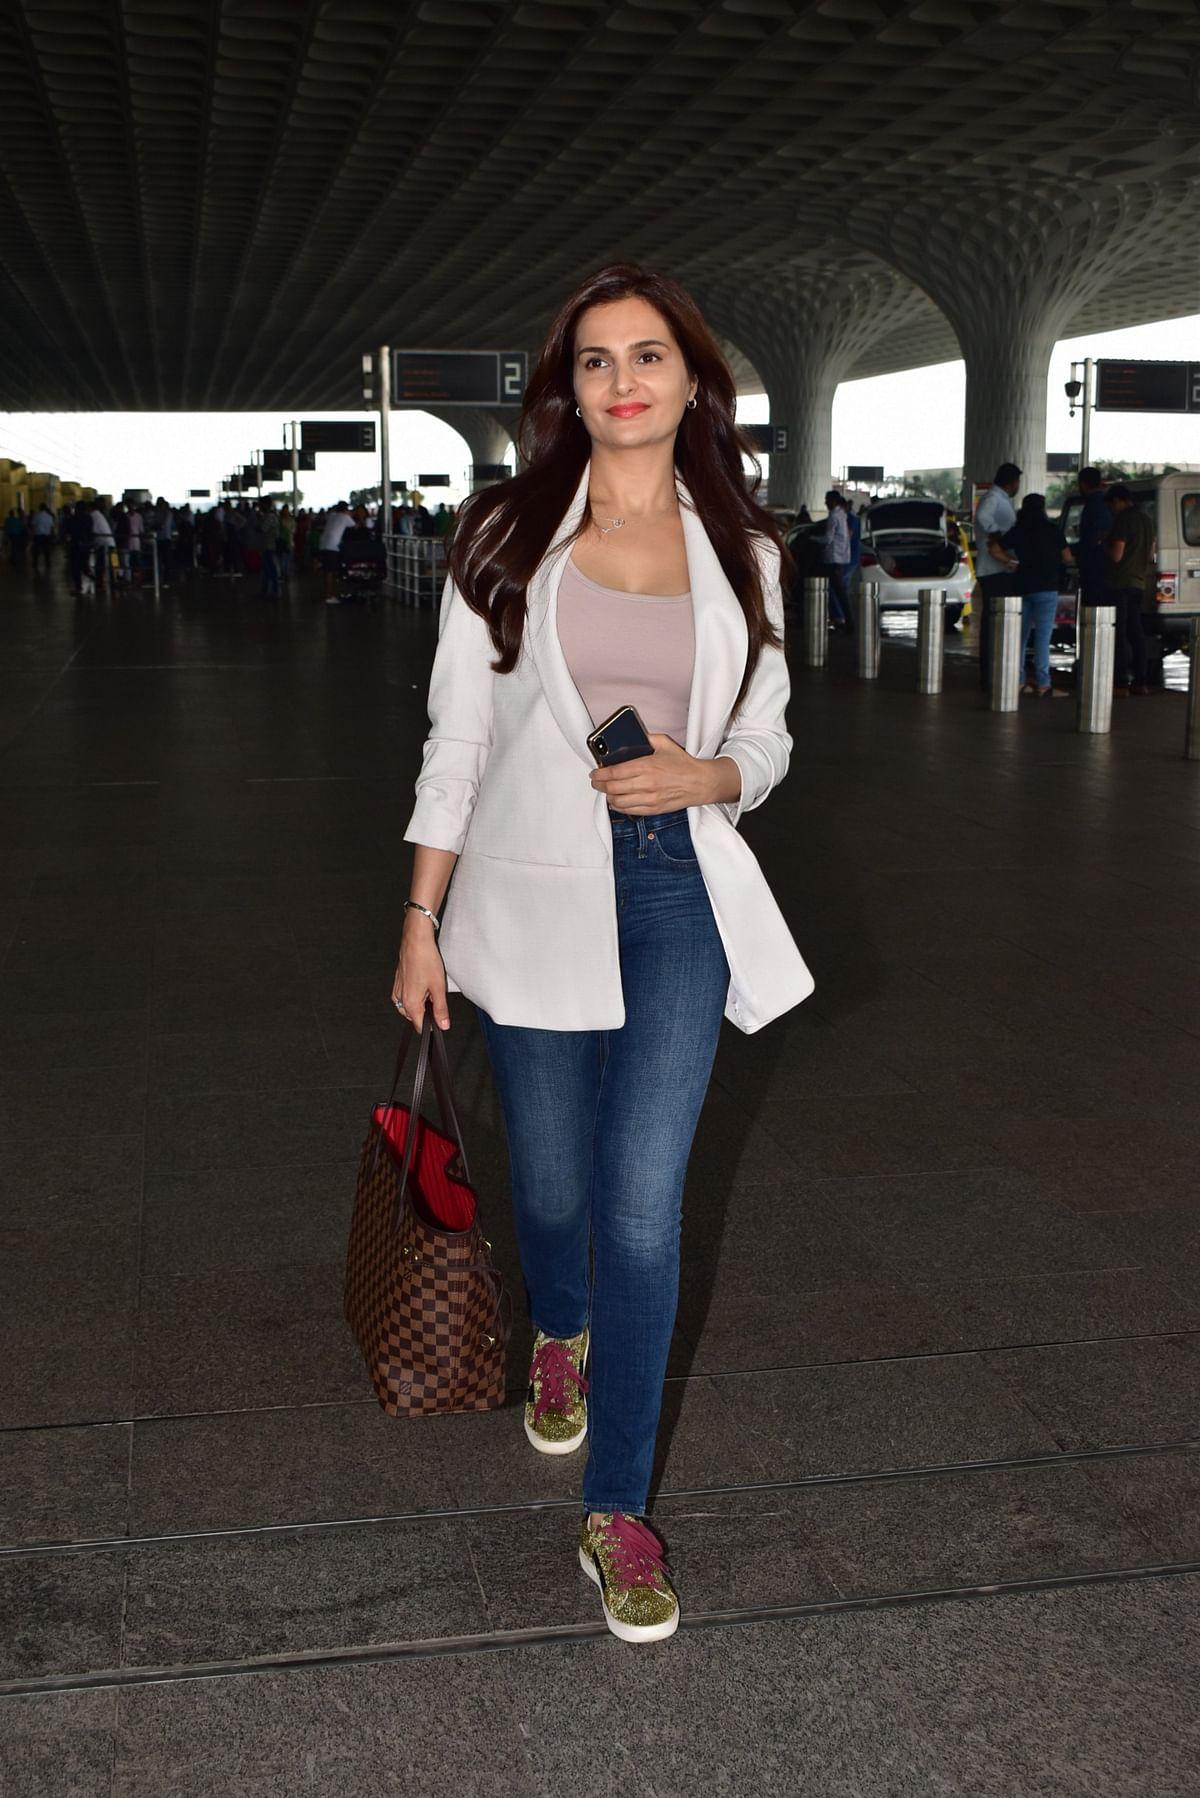 Monica Bedi at airport